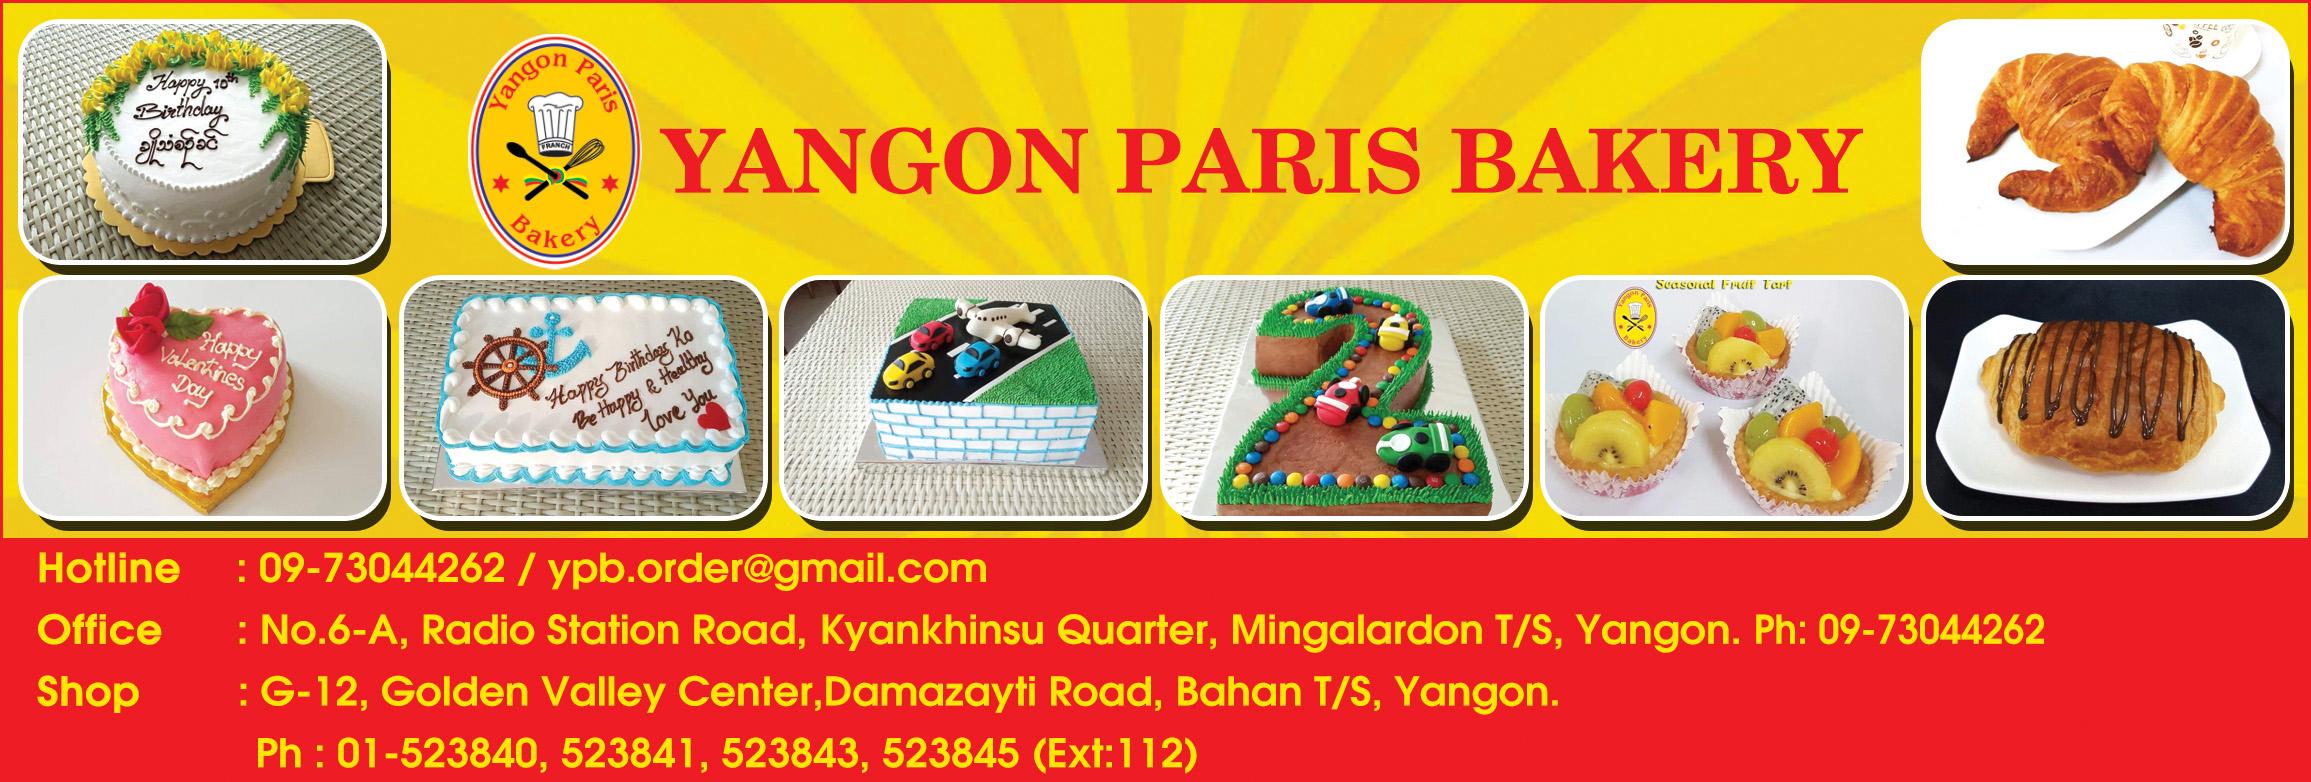 Yangon Paris Bakery